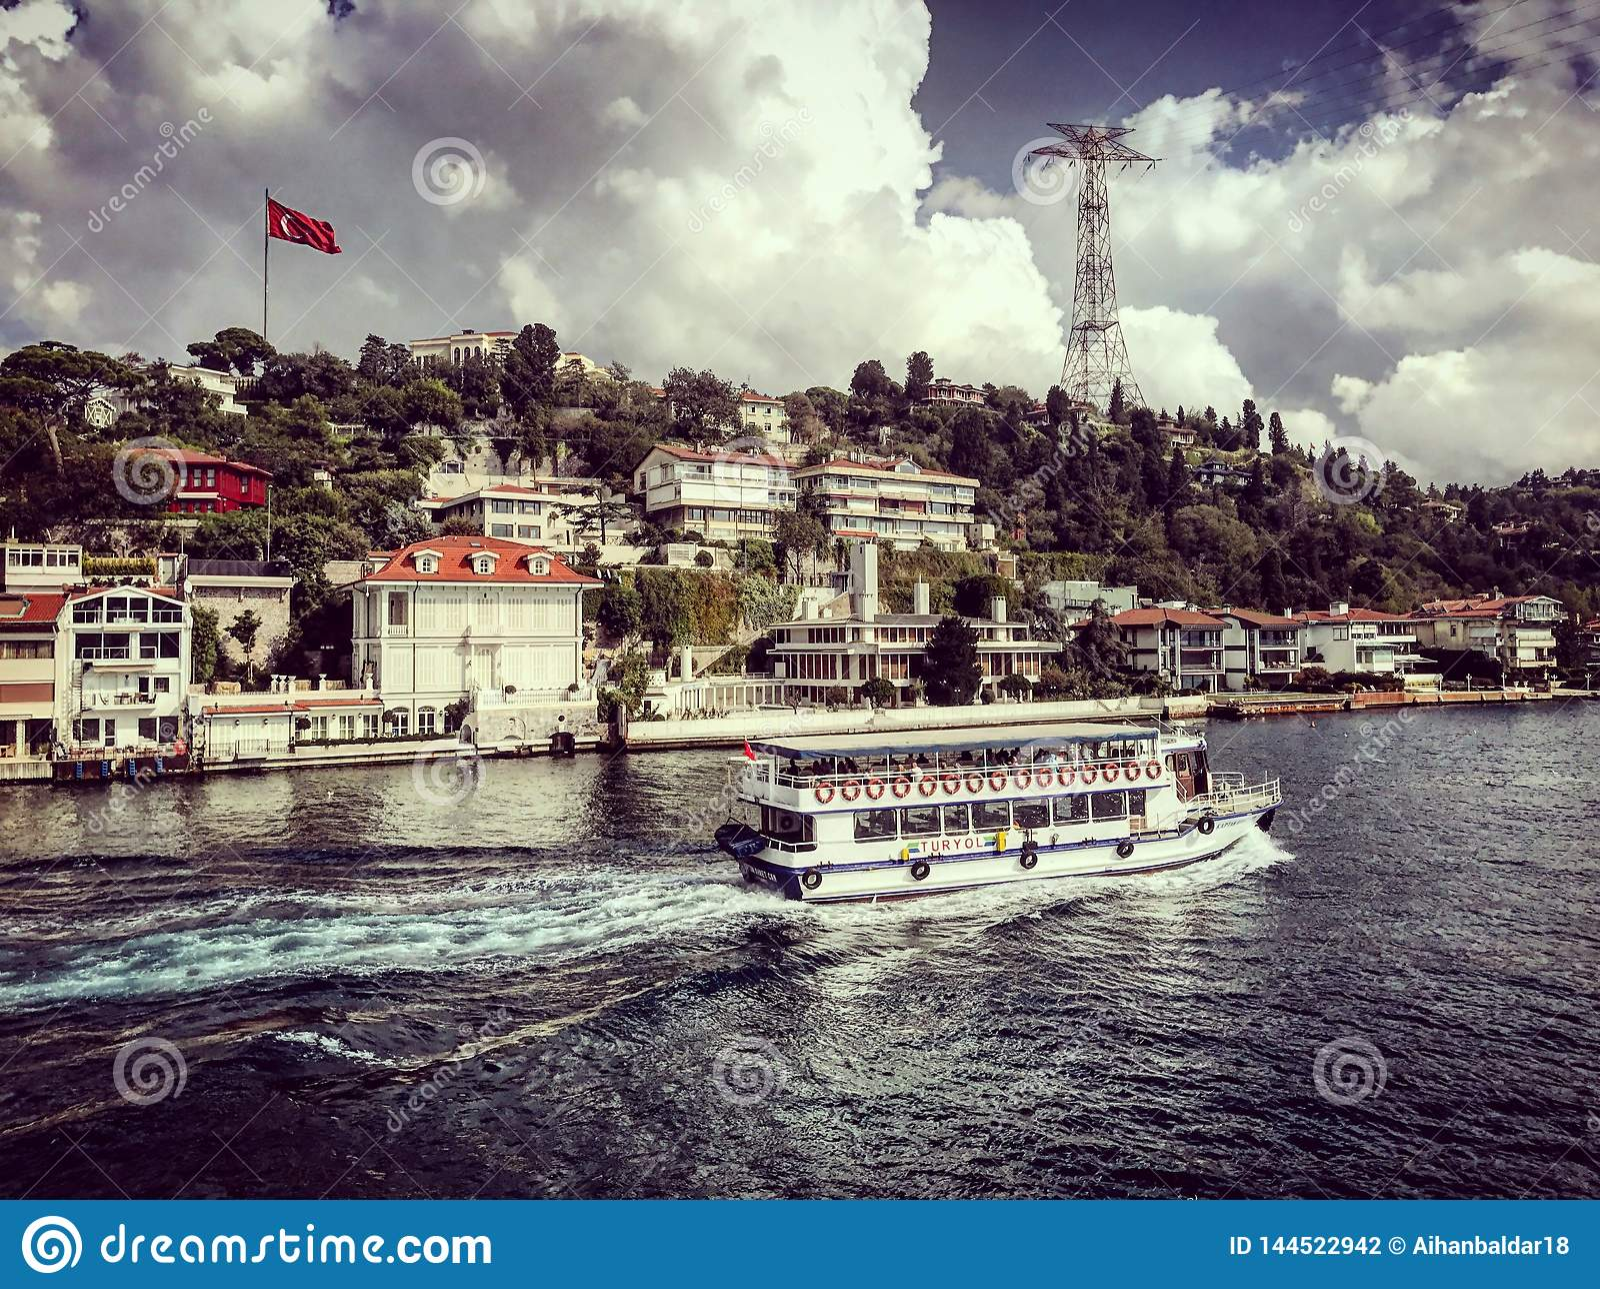 Istanbuł cieśniny bosphorus wycieczka turysyczna wysyła łodzie indycze